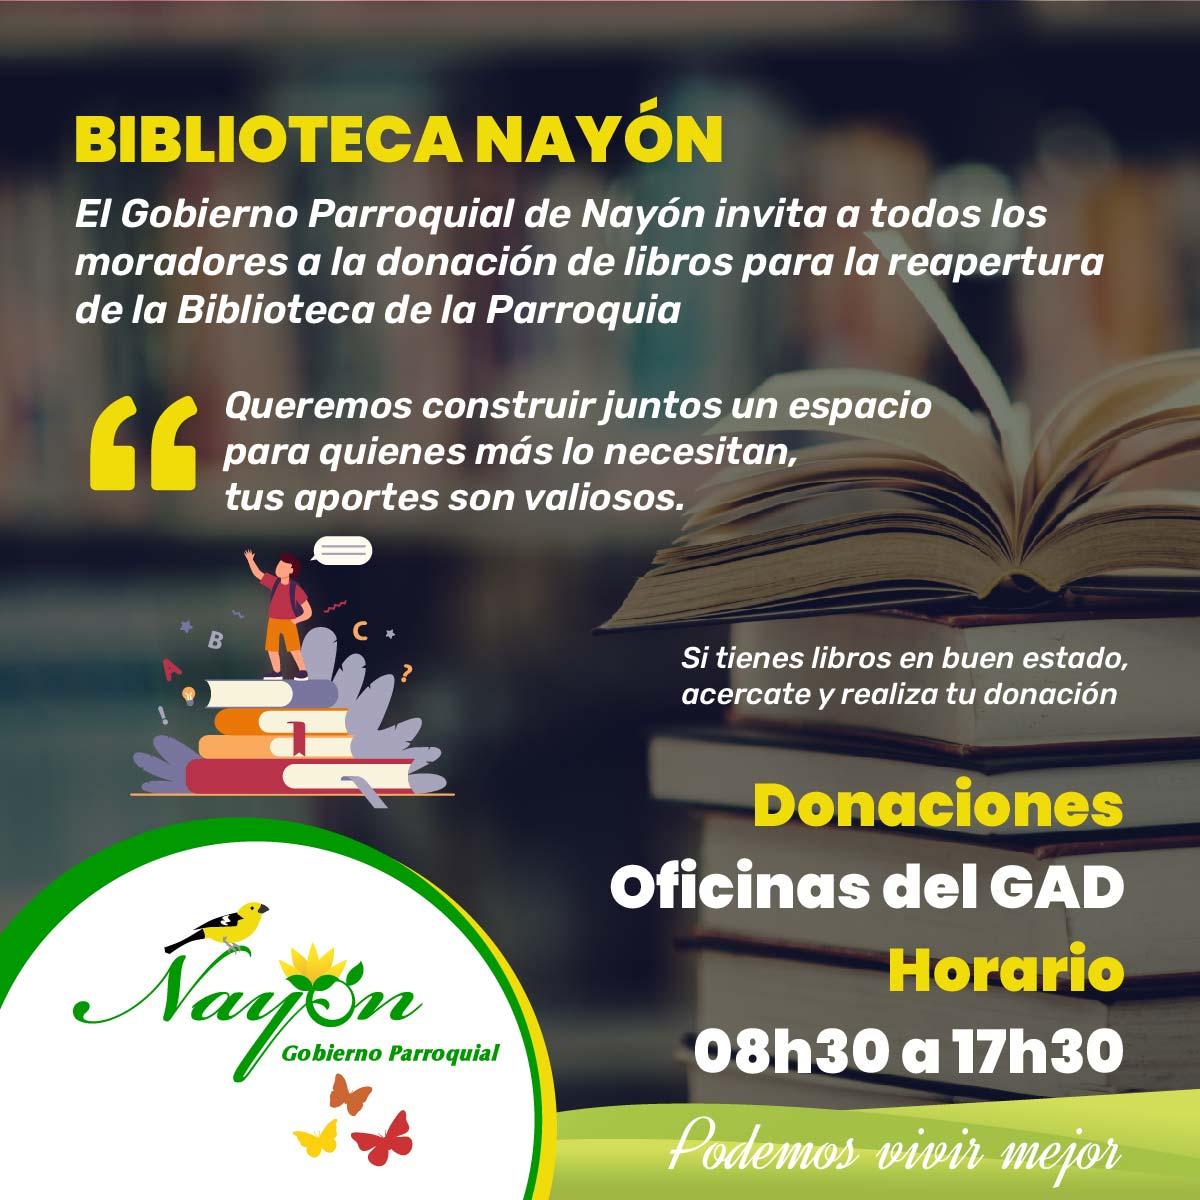 Donación de Libros - Biblioteca Nayón